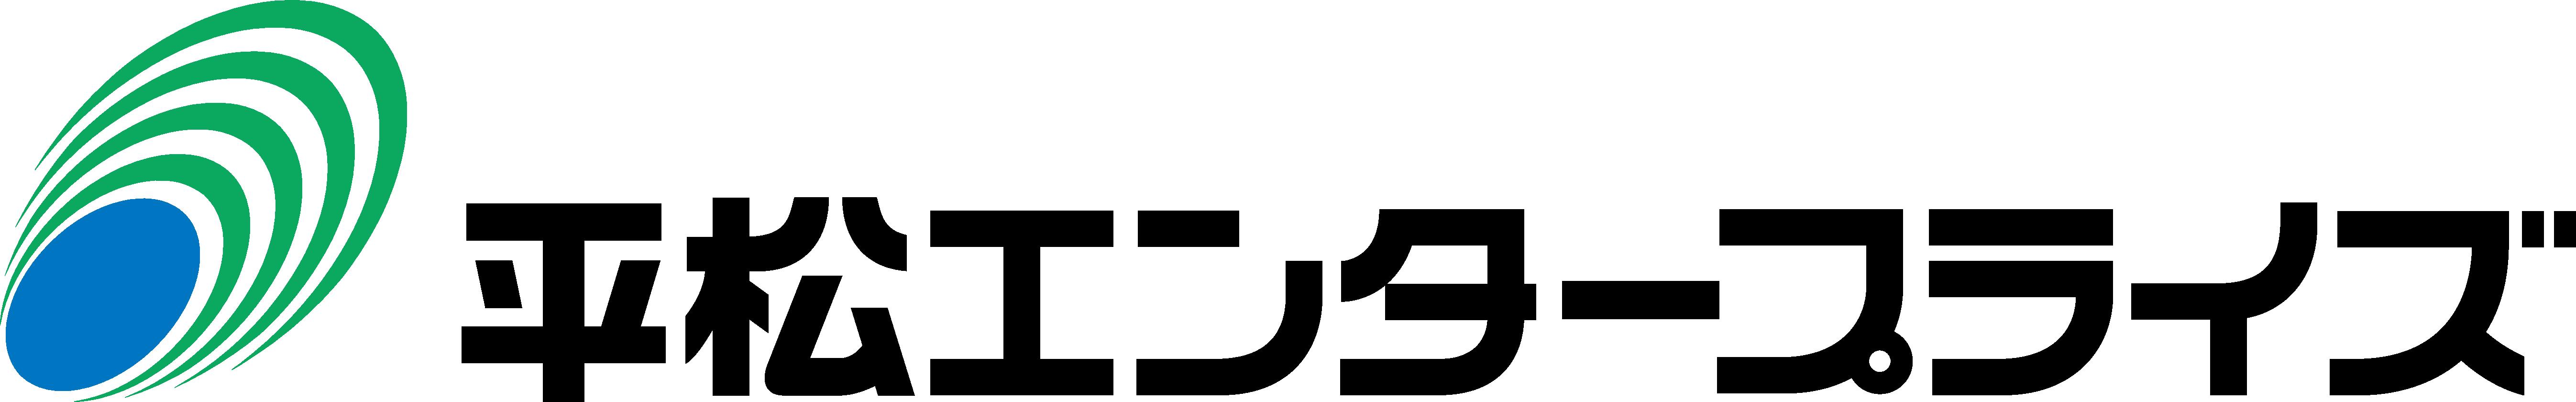 平松エンタープライズ株式会社